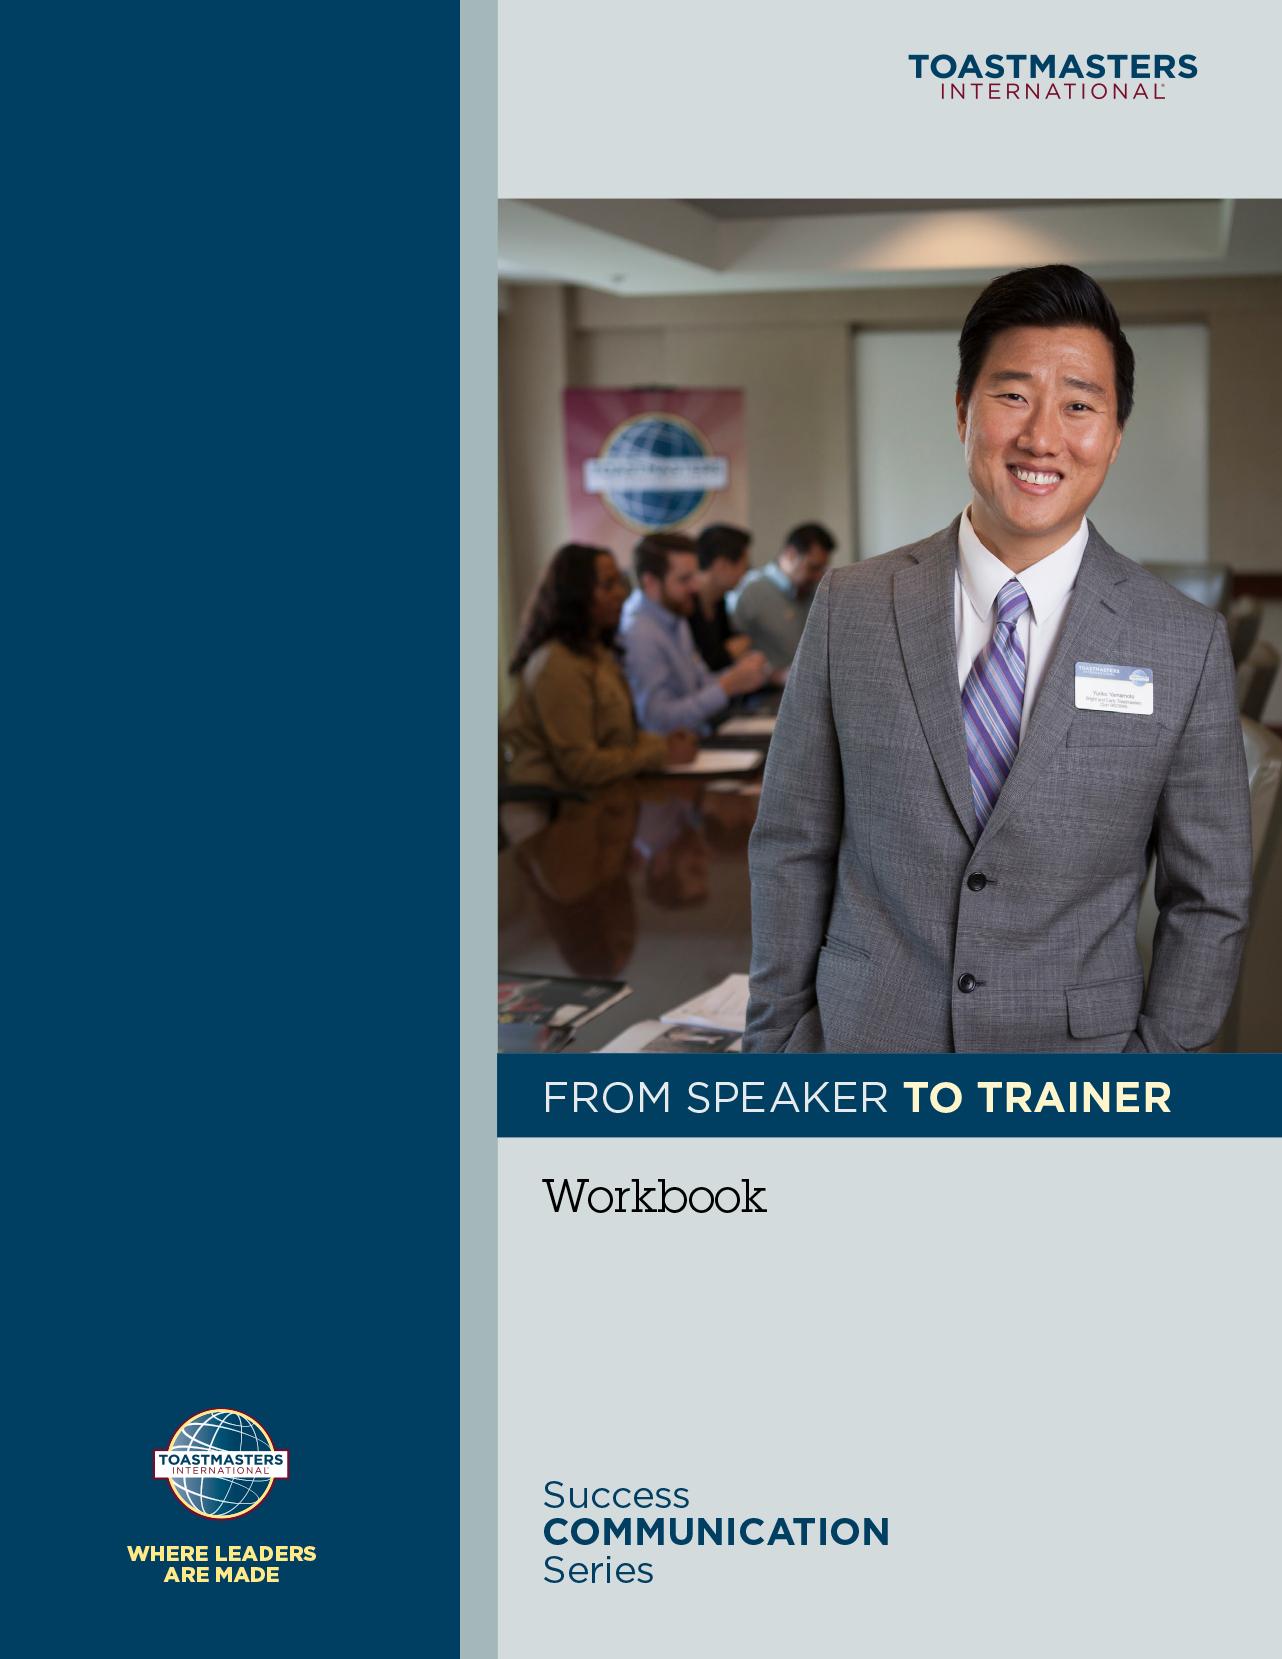 From Speaker to Trainer Workbook